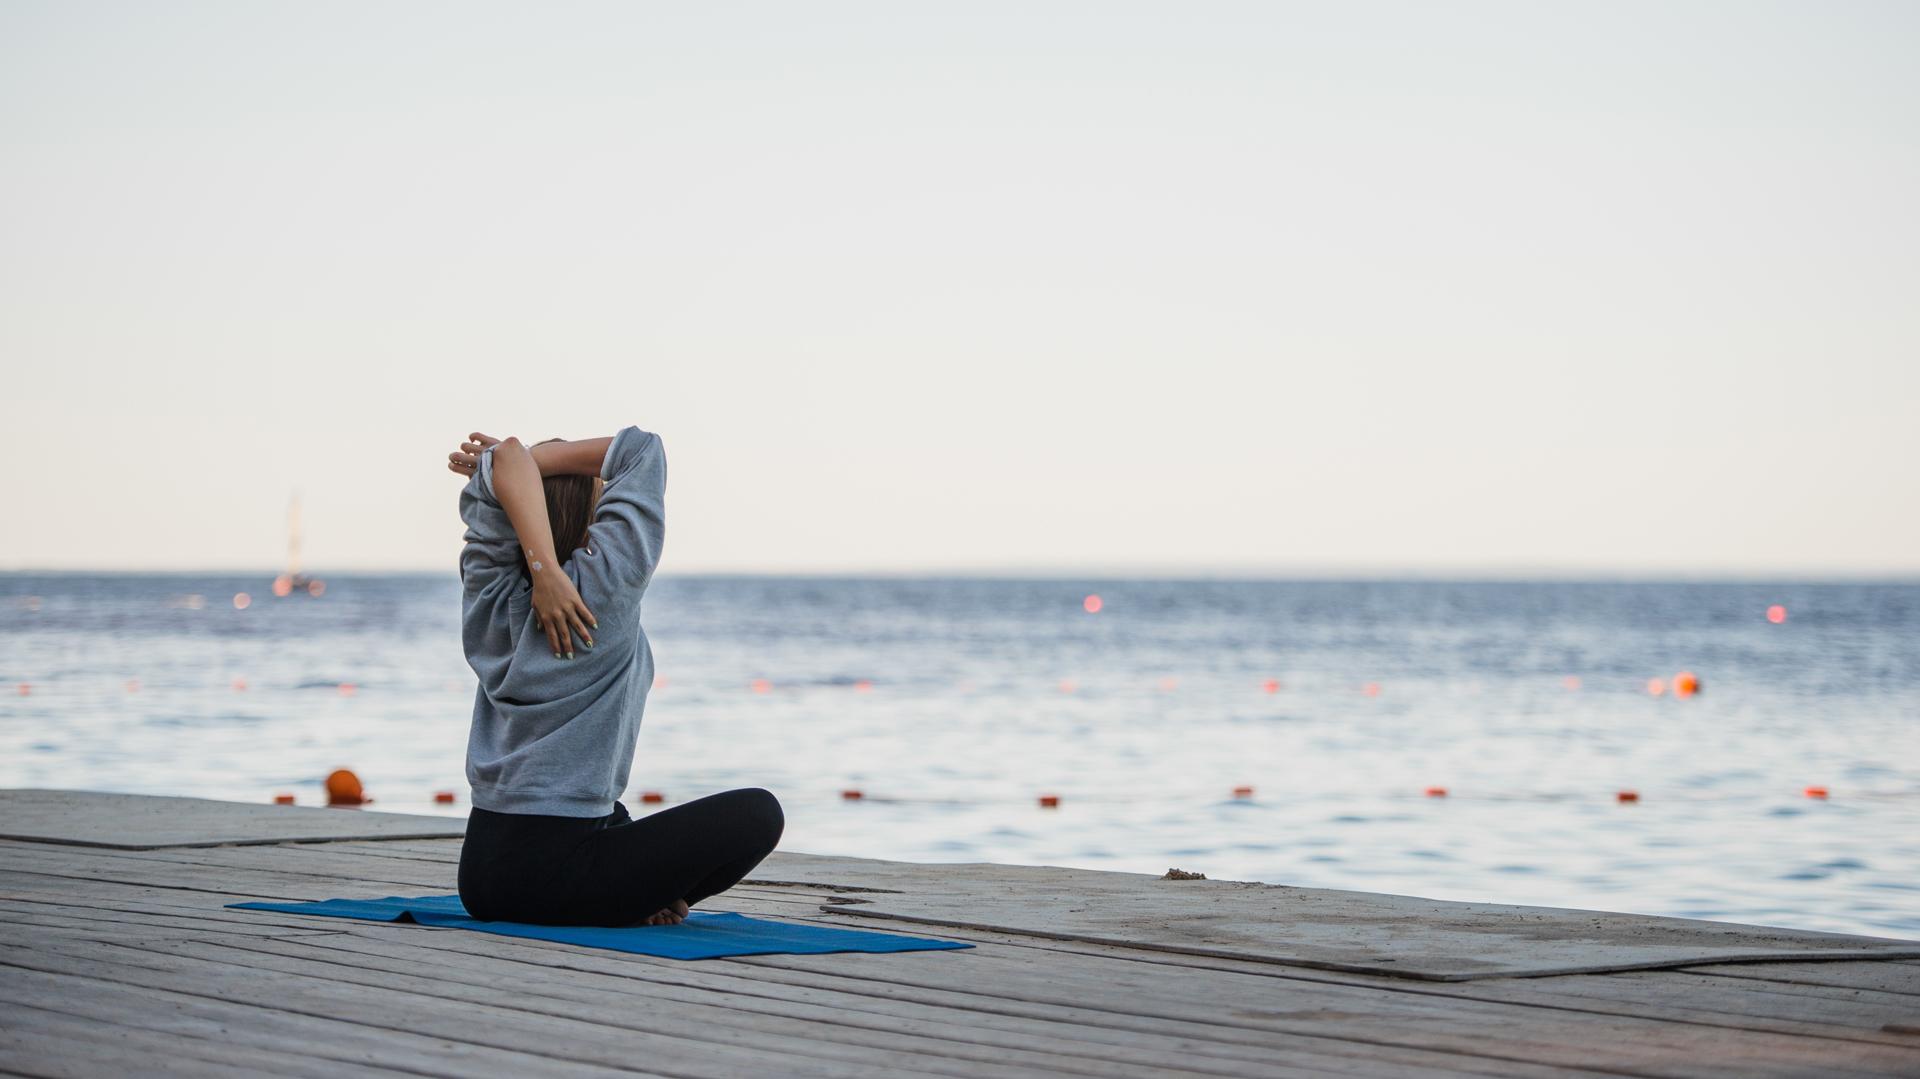 La flexibilidad disminuye la tensión y favorece la lucidez mental (iStock)